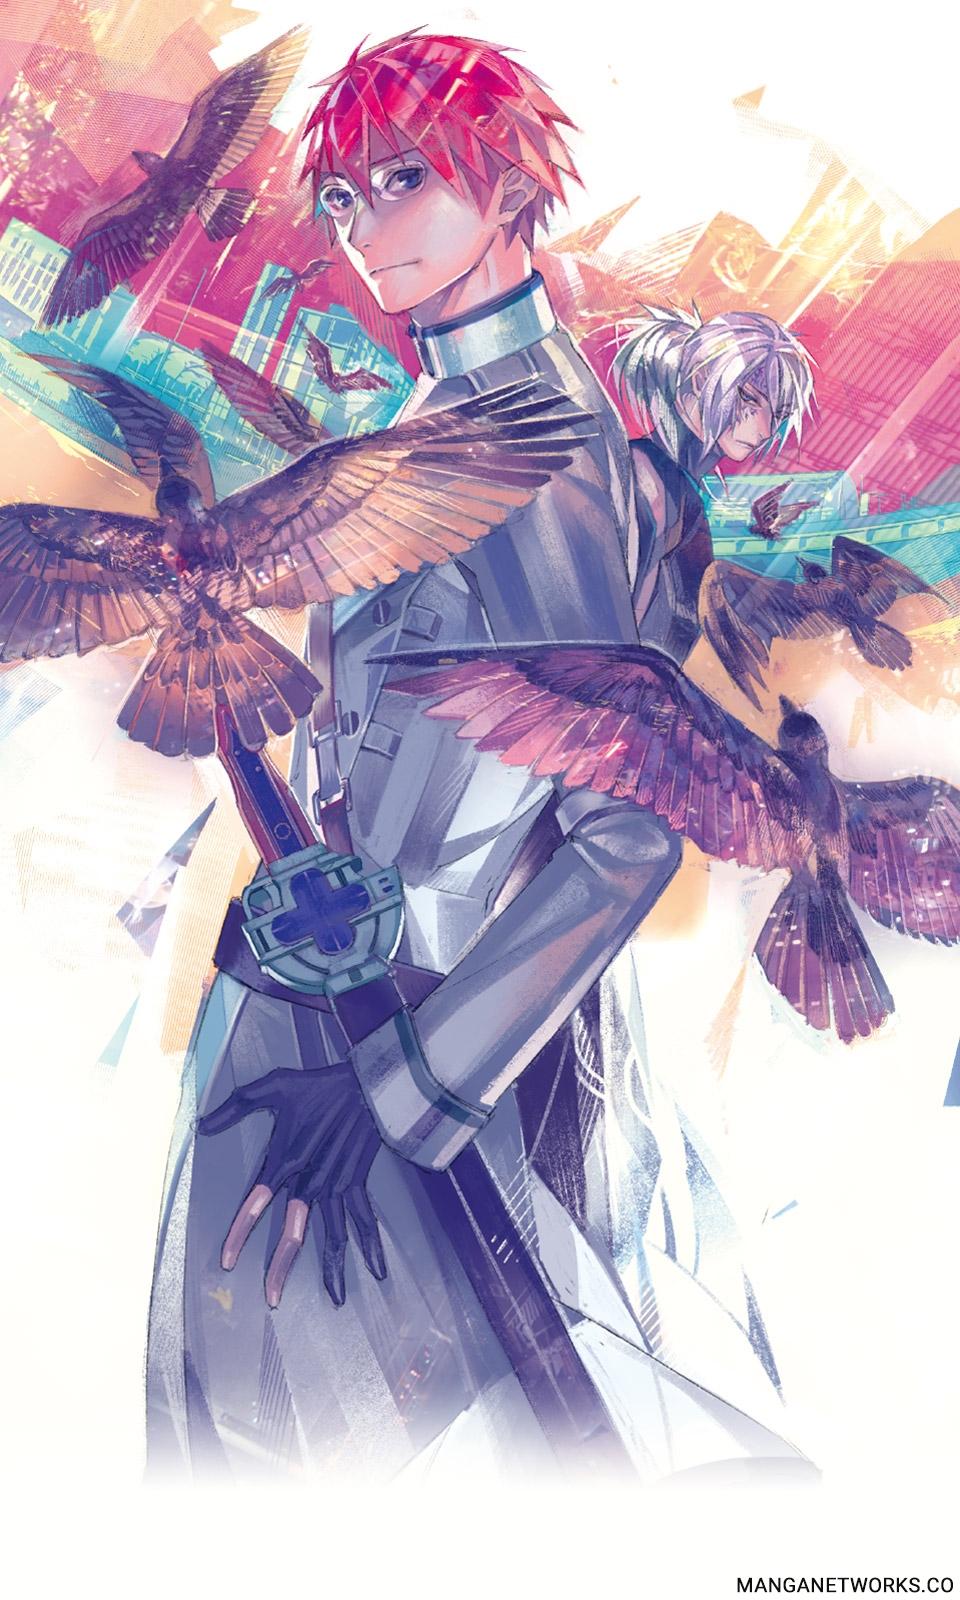 35984525556 e12899774c o Bộ anime Saredo Tsumibito wa Ryu to Odoru: Dances with the Dragons sẽ dời lịch phát sóng sang mùa xuân 2018 vì lỗi kỹ thuật